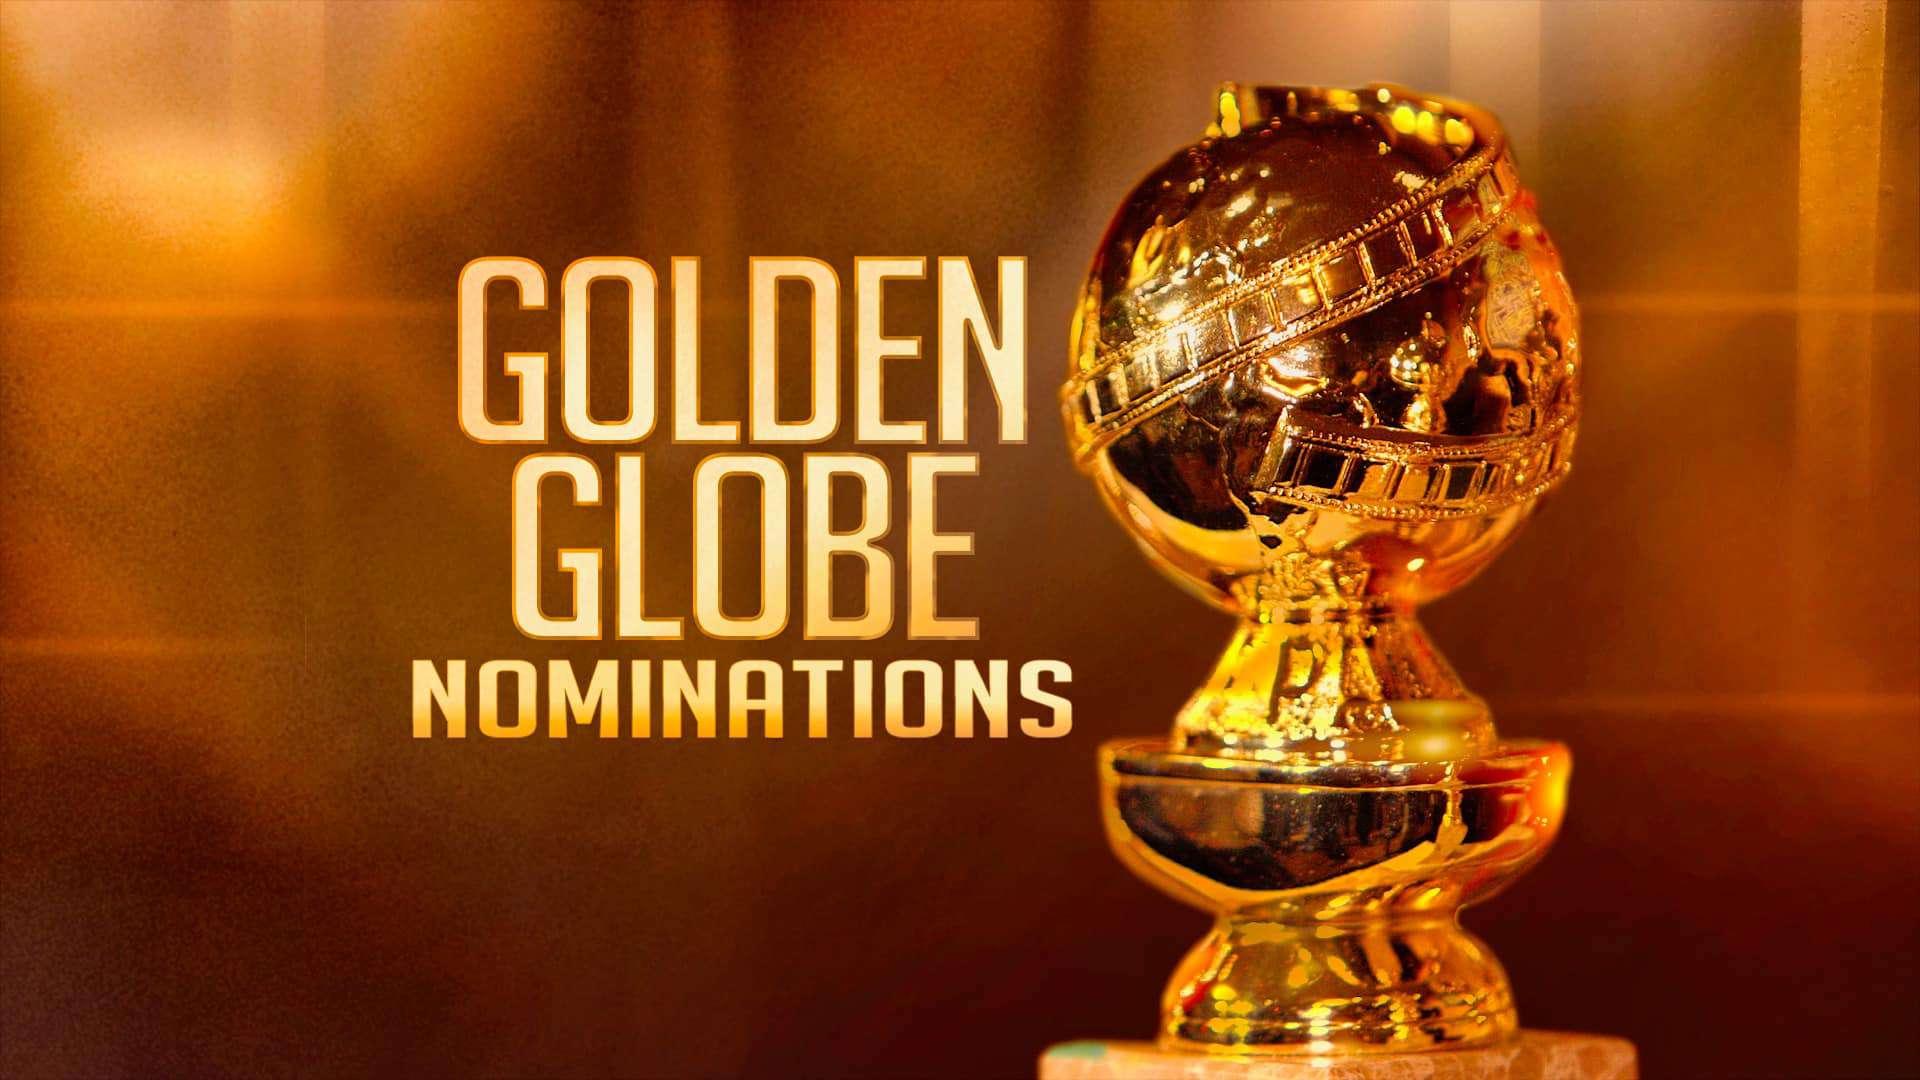 Iata lista completa a nominalizarilor pentru Globurile de Aur 2020